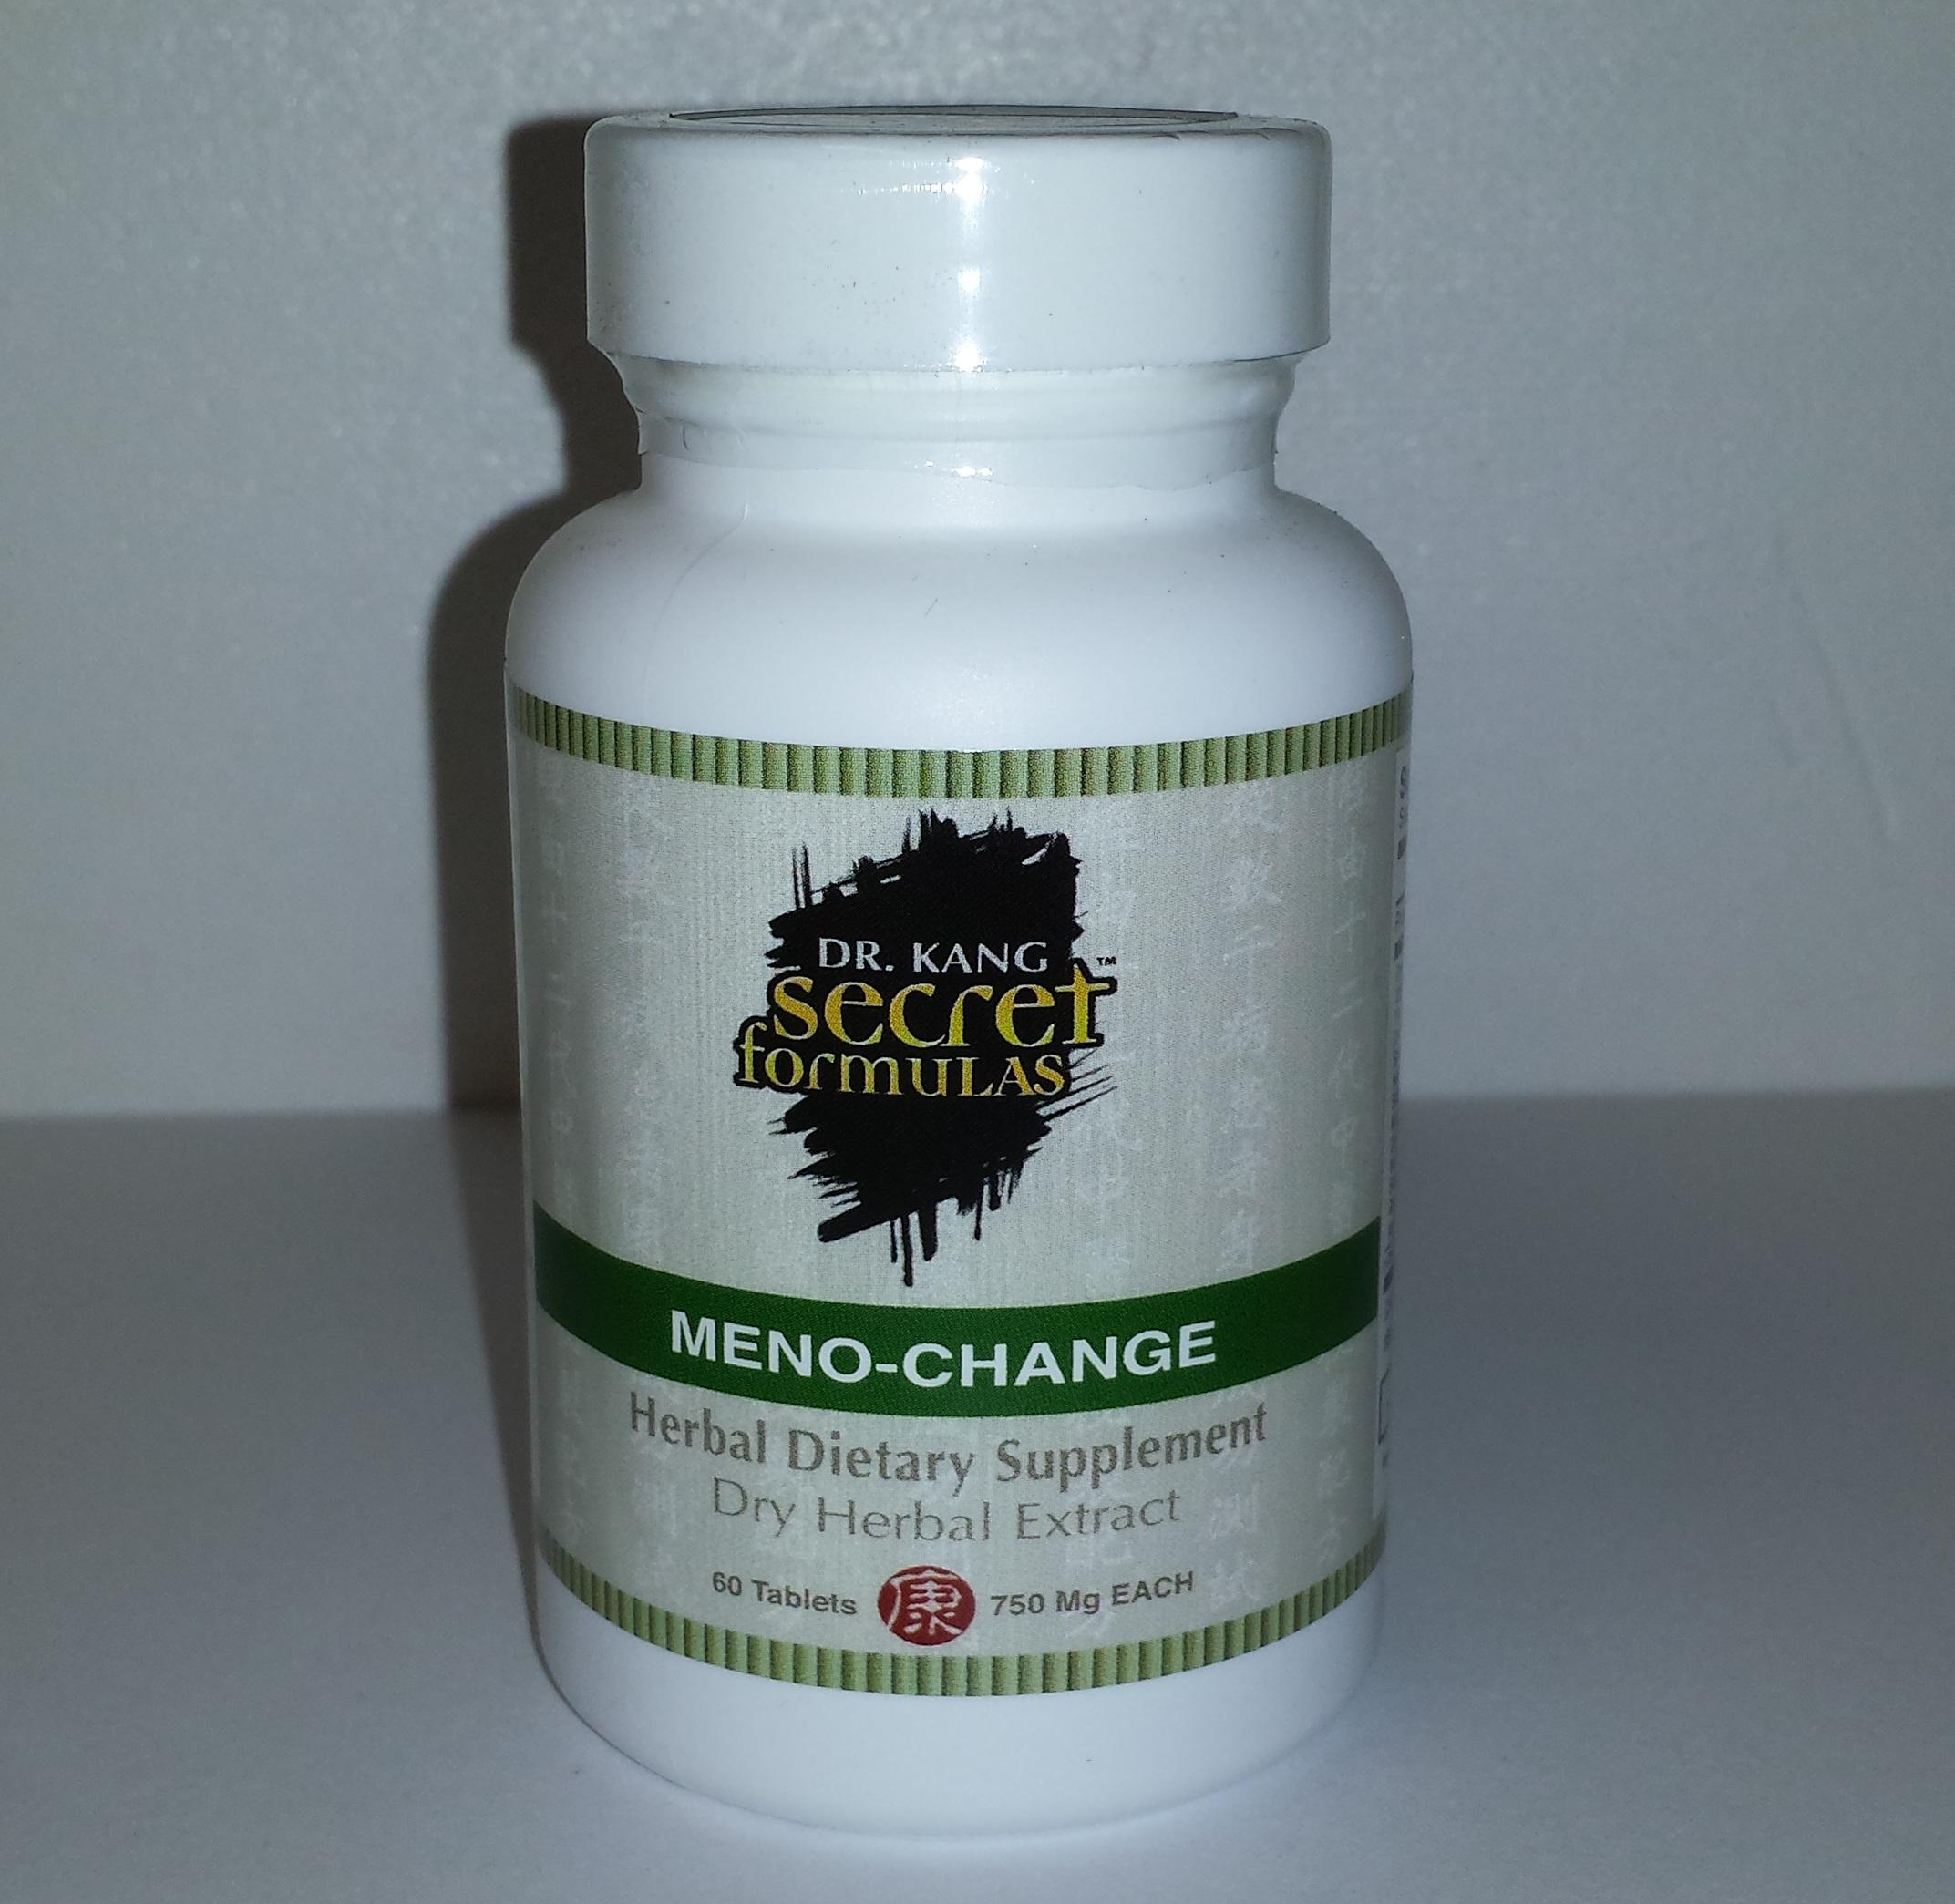 24-MenoChange - Product Image